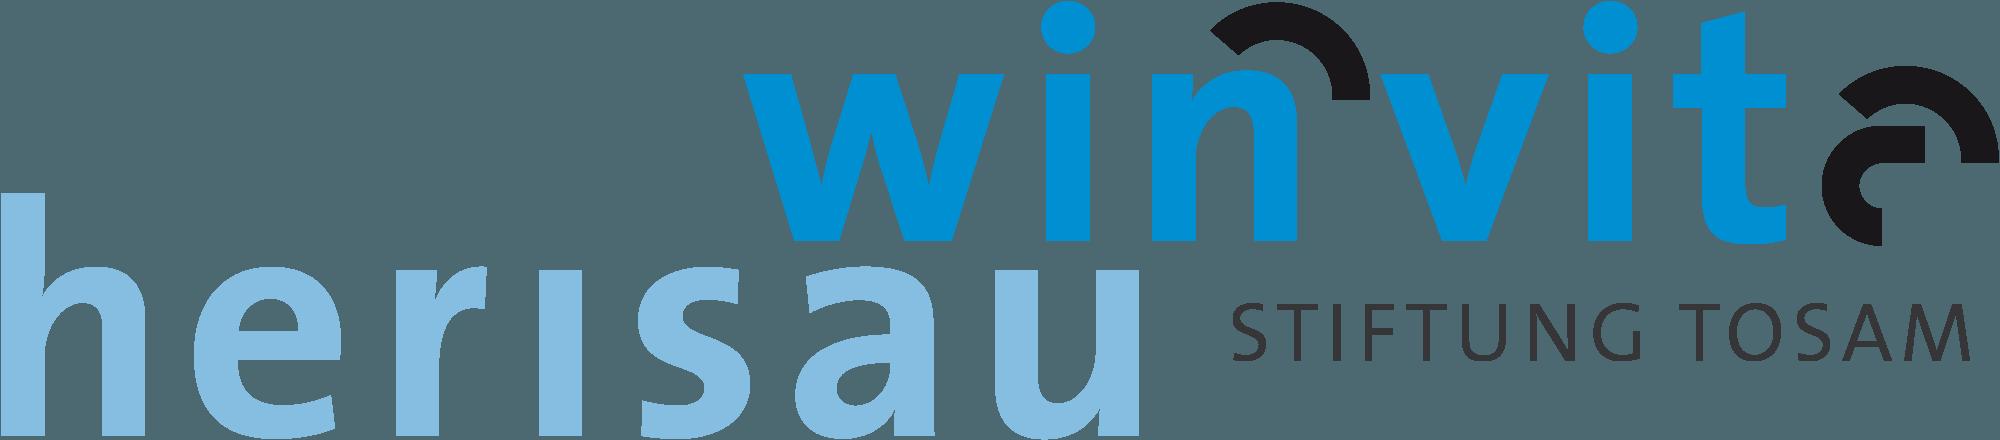 WinVita Herisau Stiftung Tosam